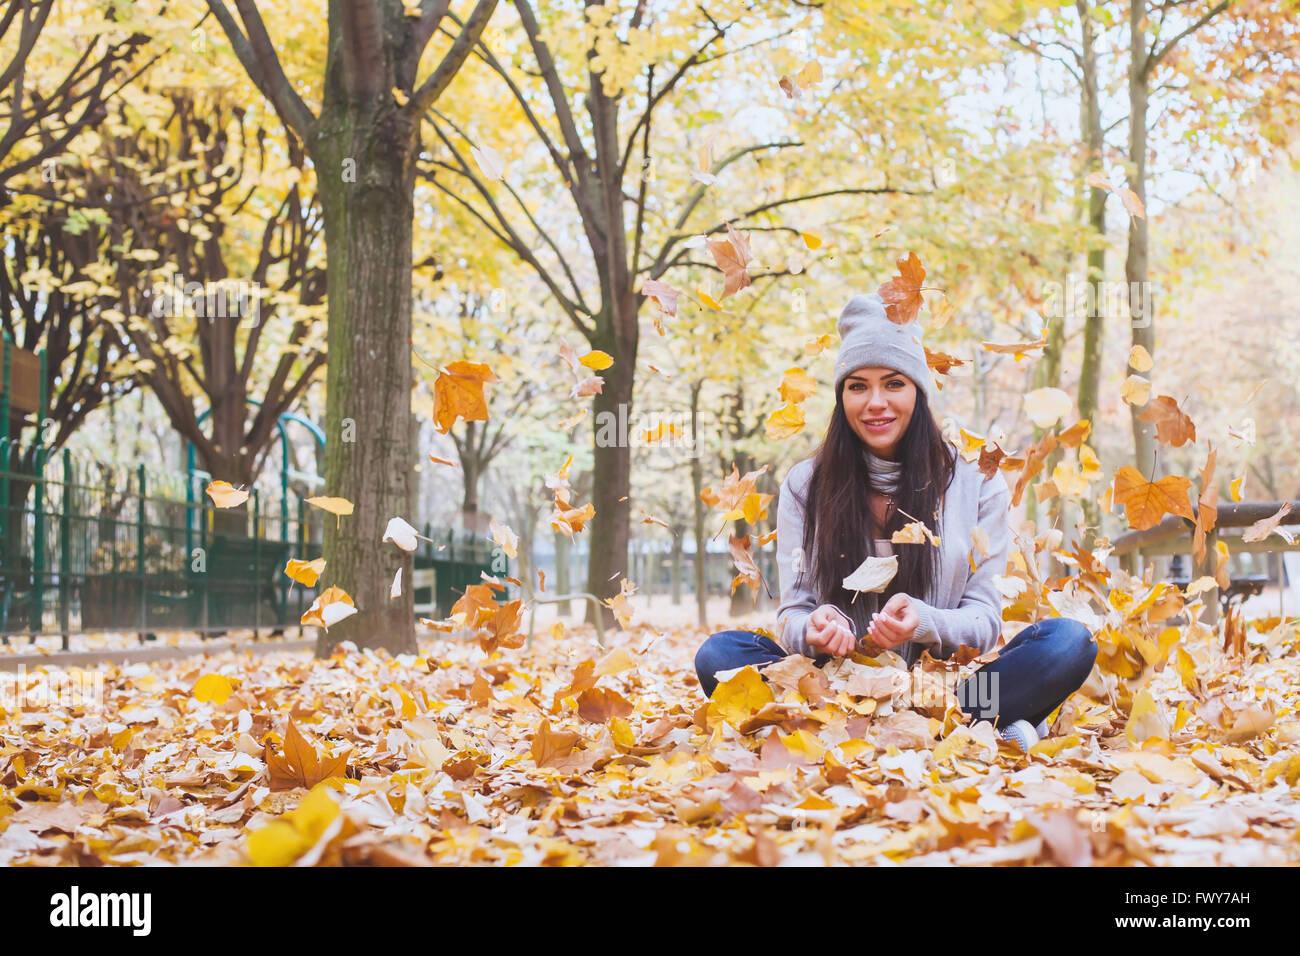 Autumn park, belle femme souriante et la chute des feuilles jaunes Photo Stock